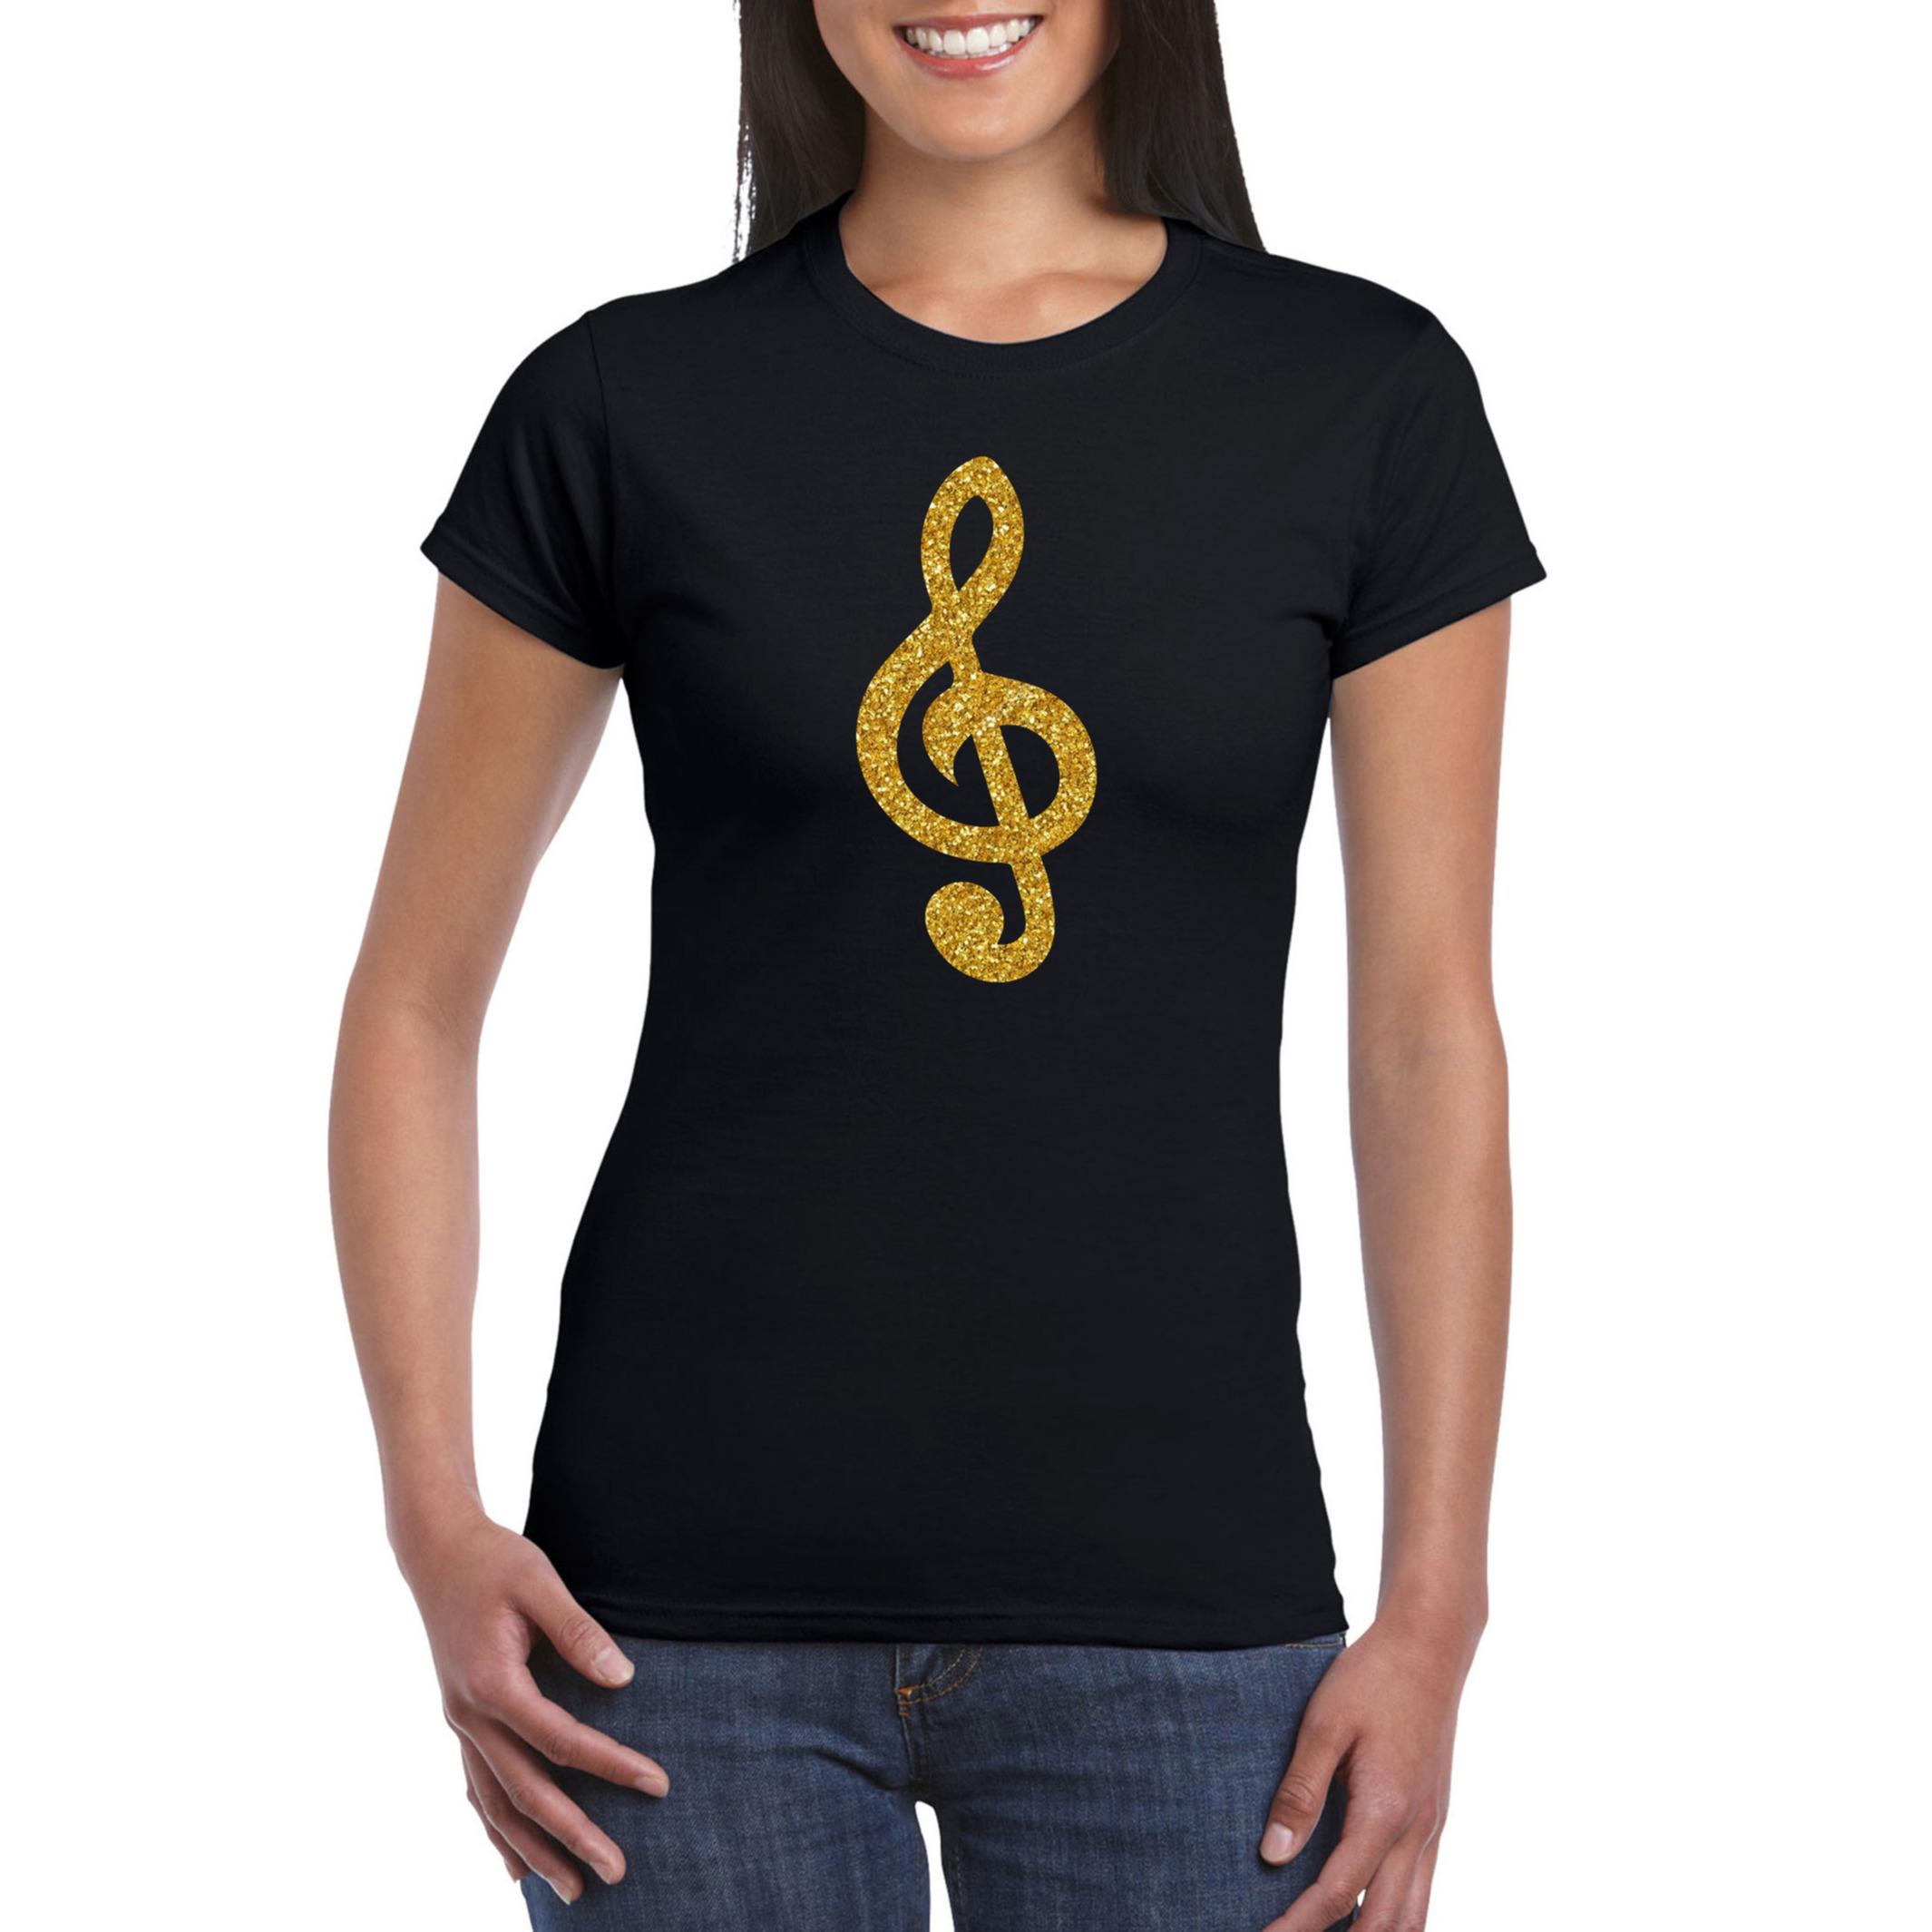 Gouden muziek noot G-sleutel - muziek feest t-shirt - kleding zwart dames